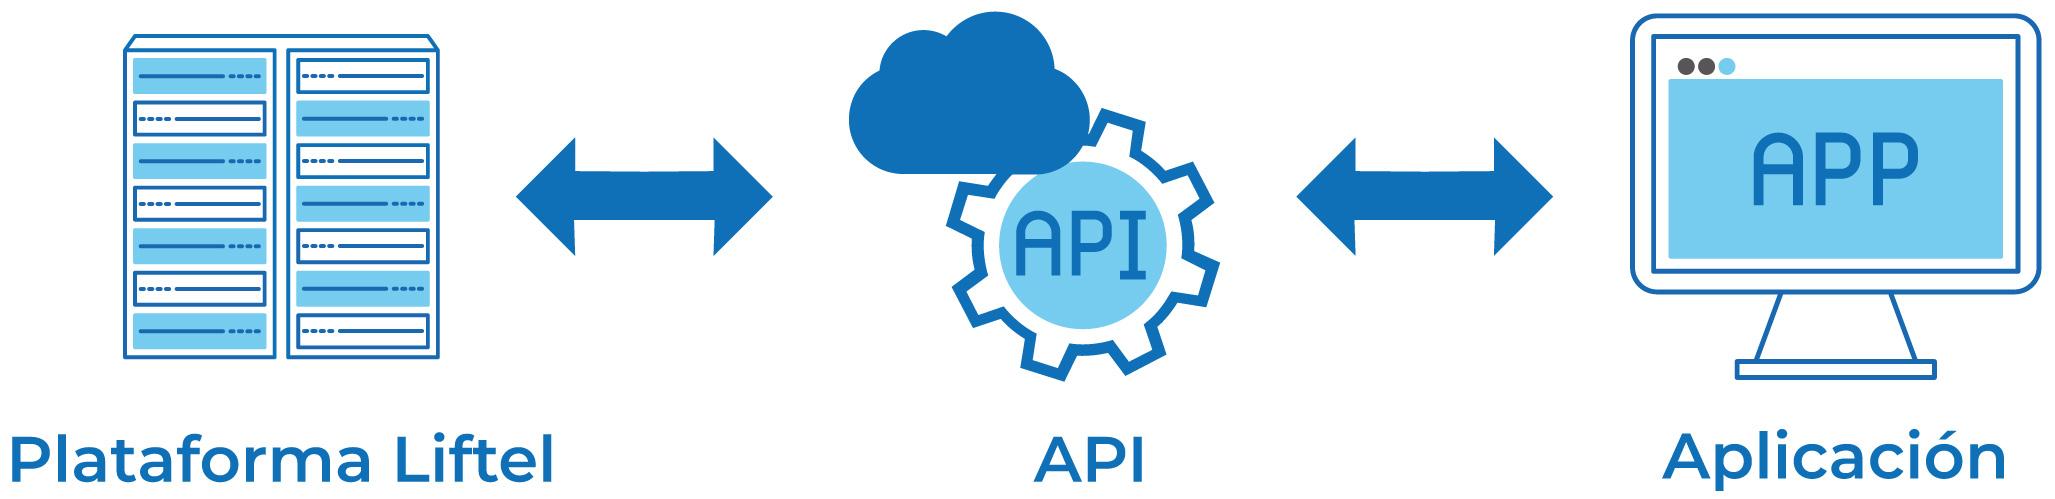 Conexión entre la Plataforma Liftel, API y las aplicaciones